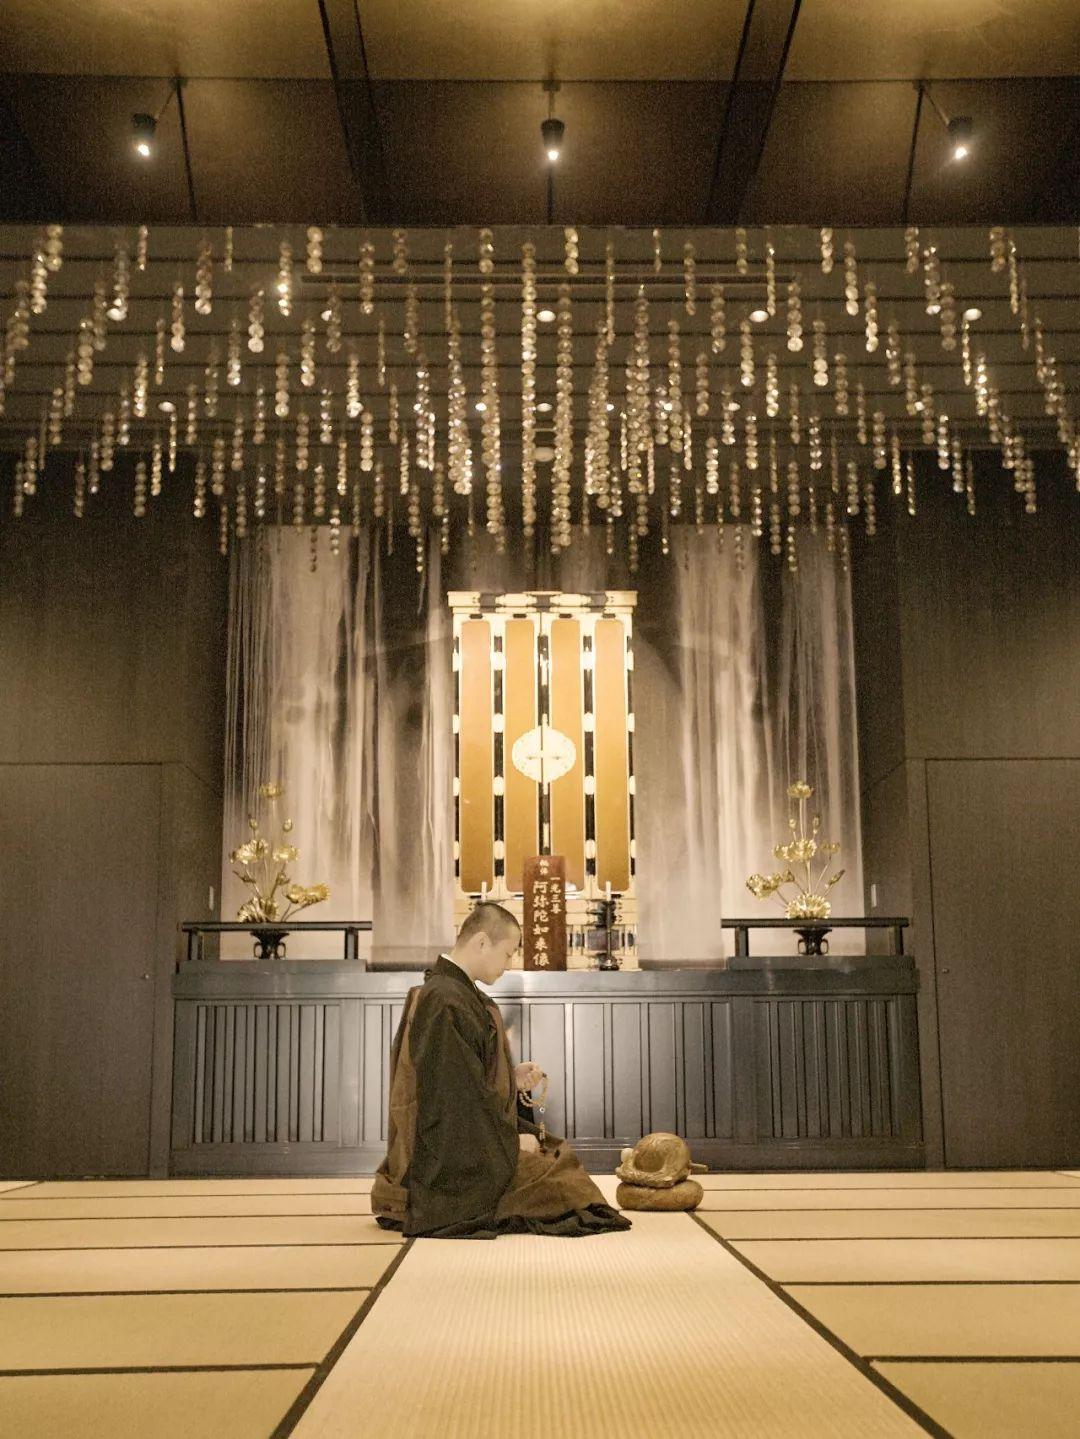 他在闹市中建了一个寺庙,用水晶做围墙,斩获设计大奖_11